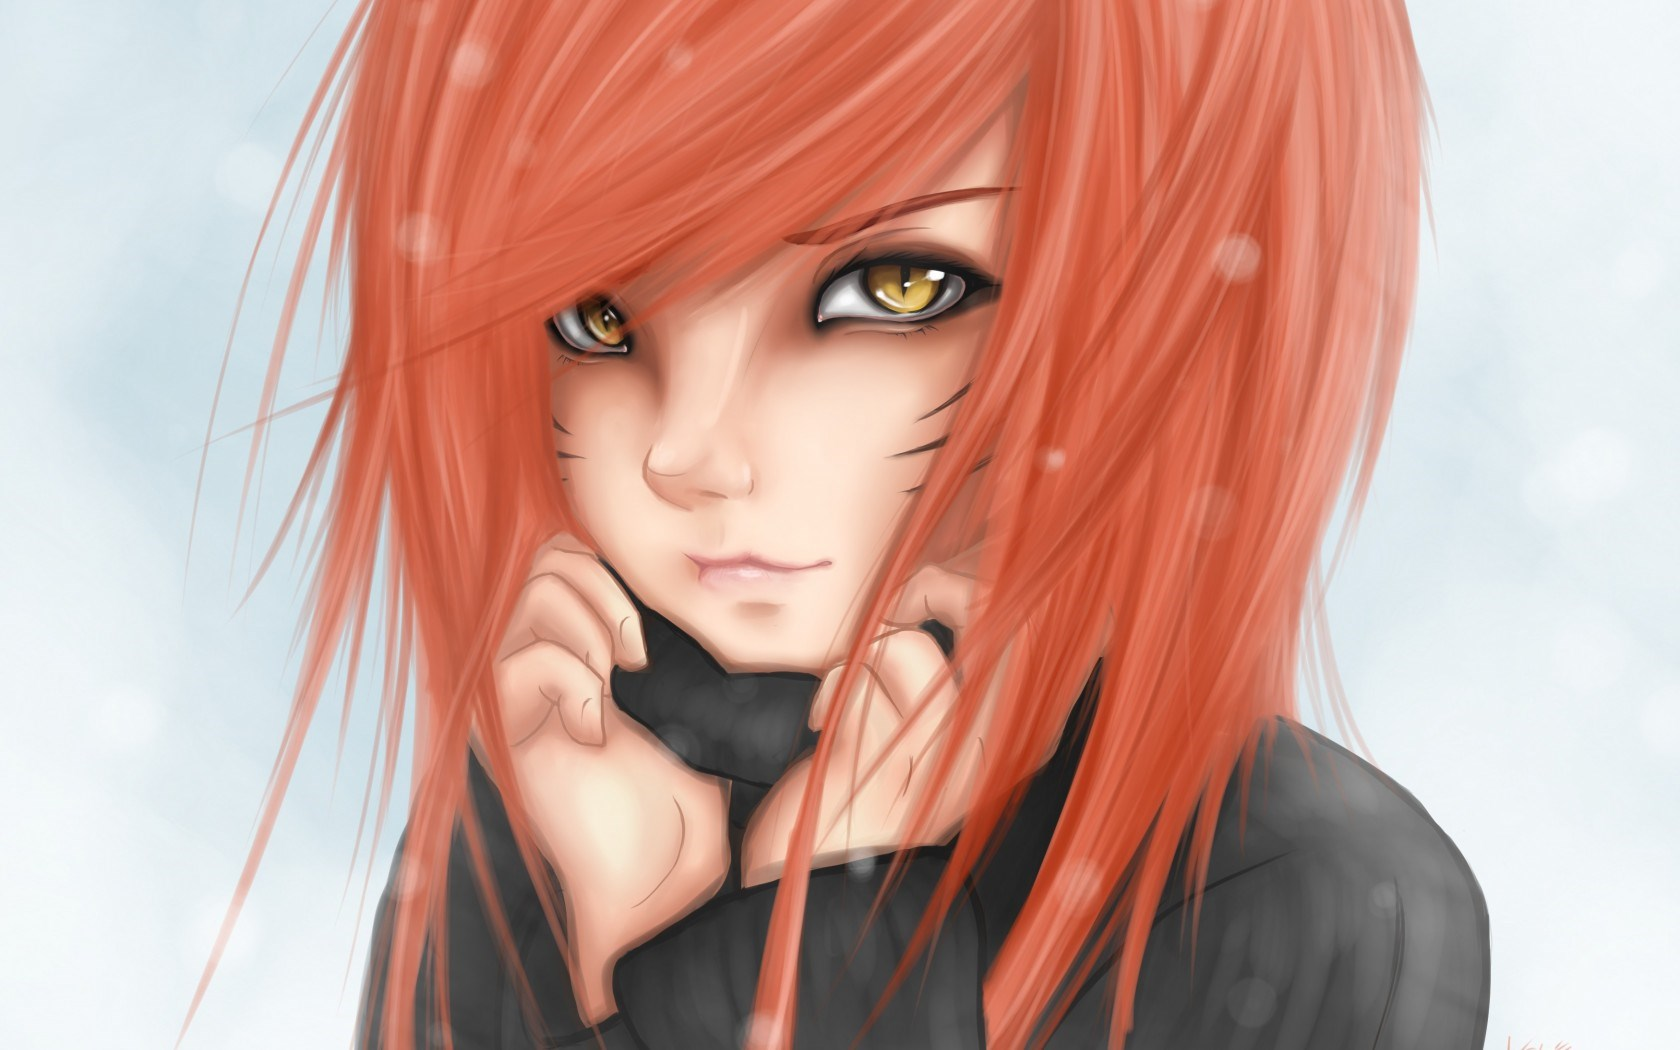 Art Girl Look